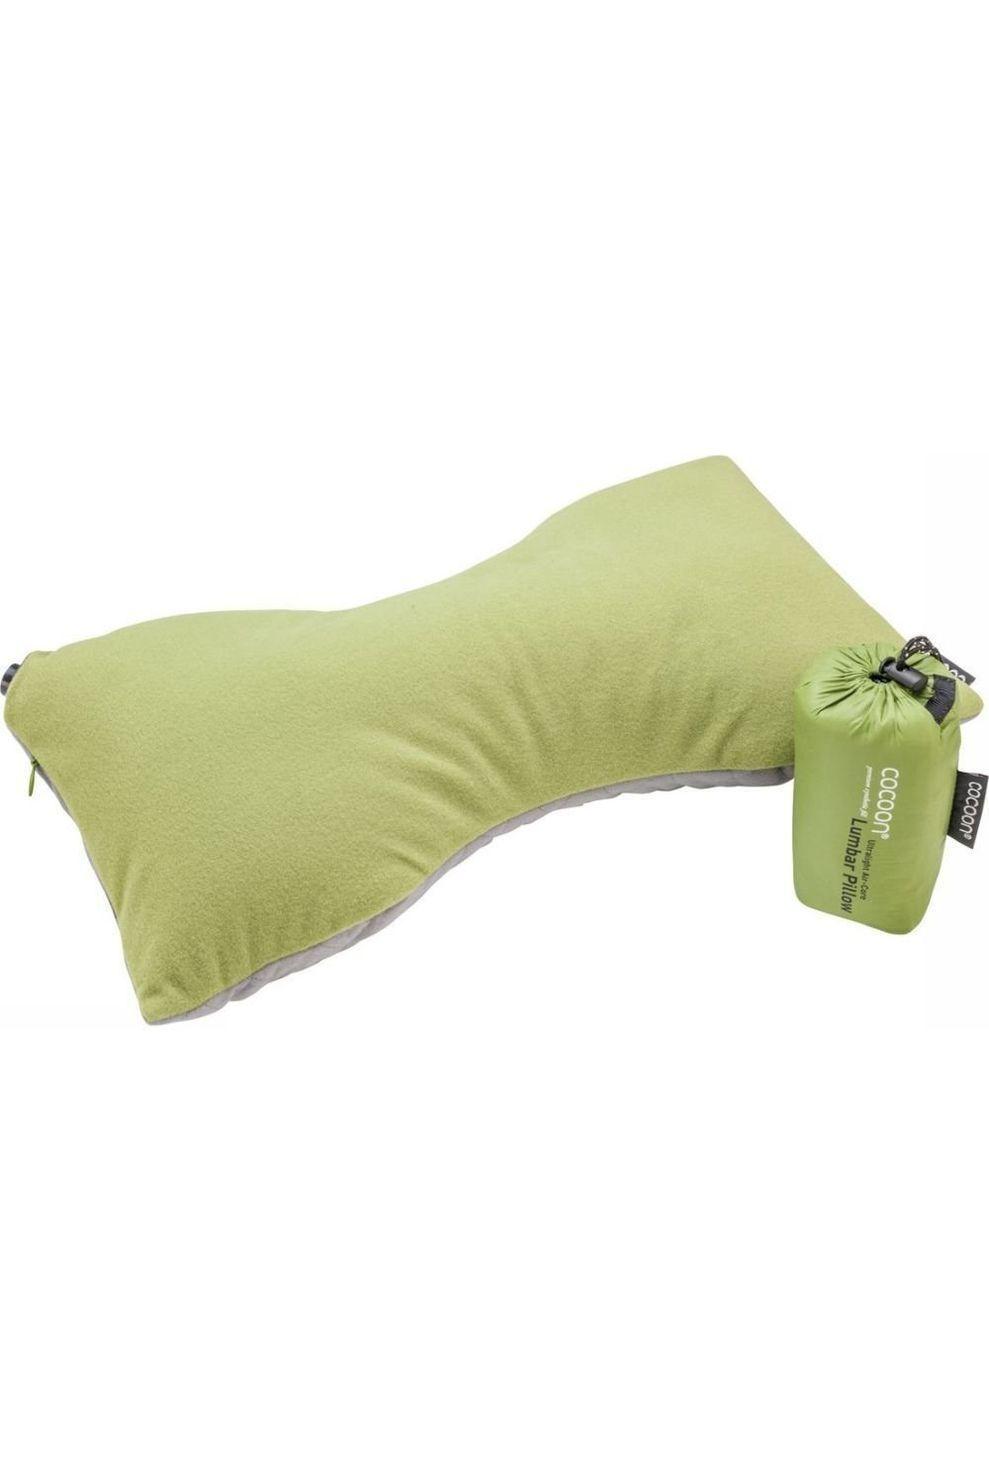 Cocoon Kussen Lumbar Pillow Ultralight - Groen/Grijs